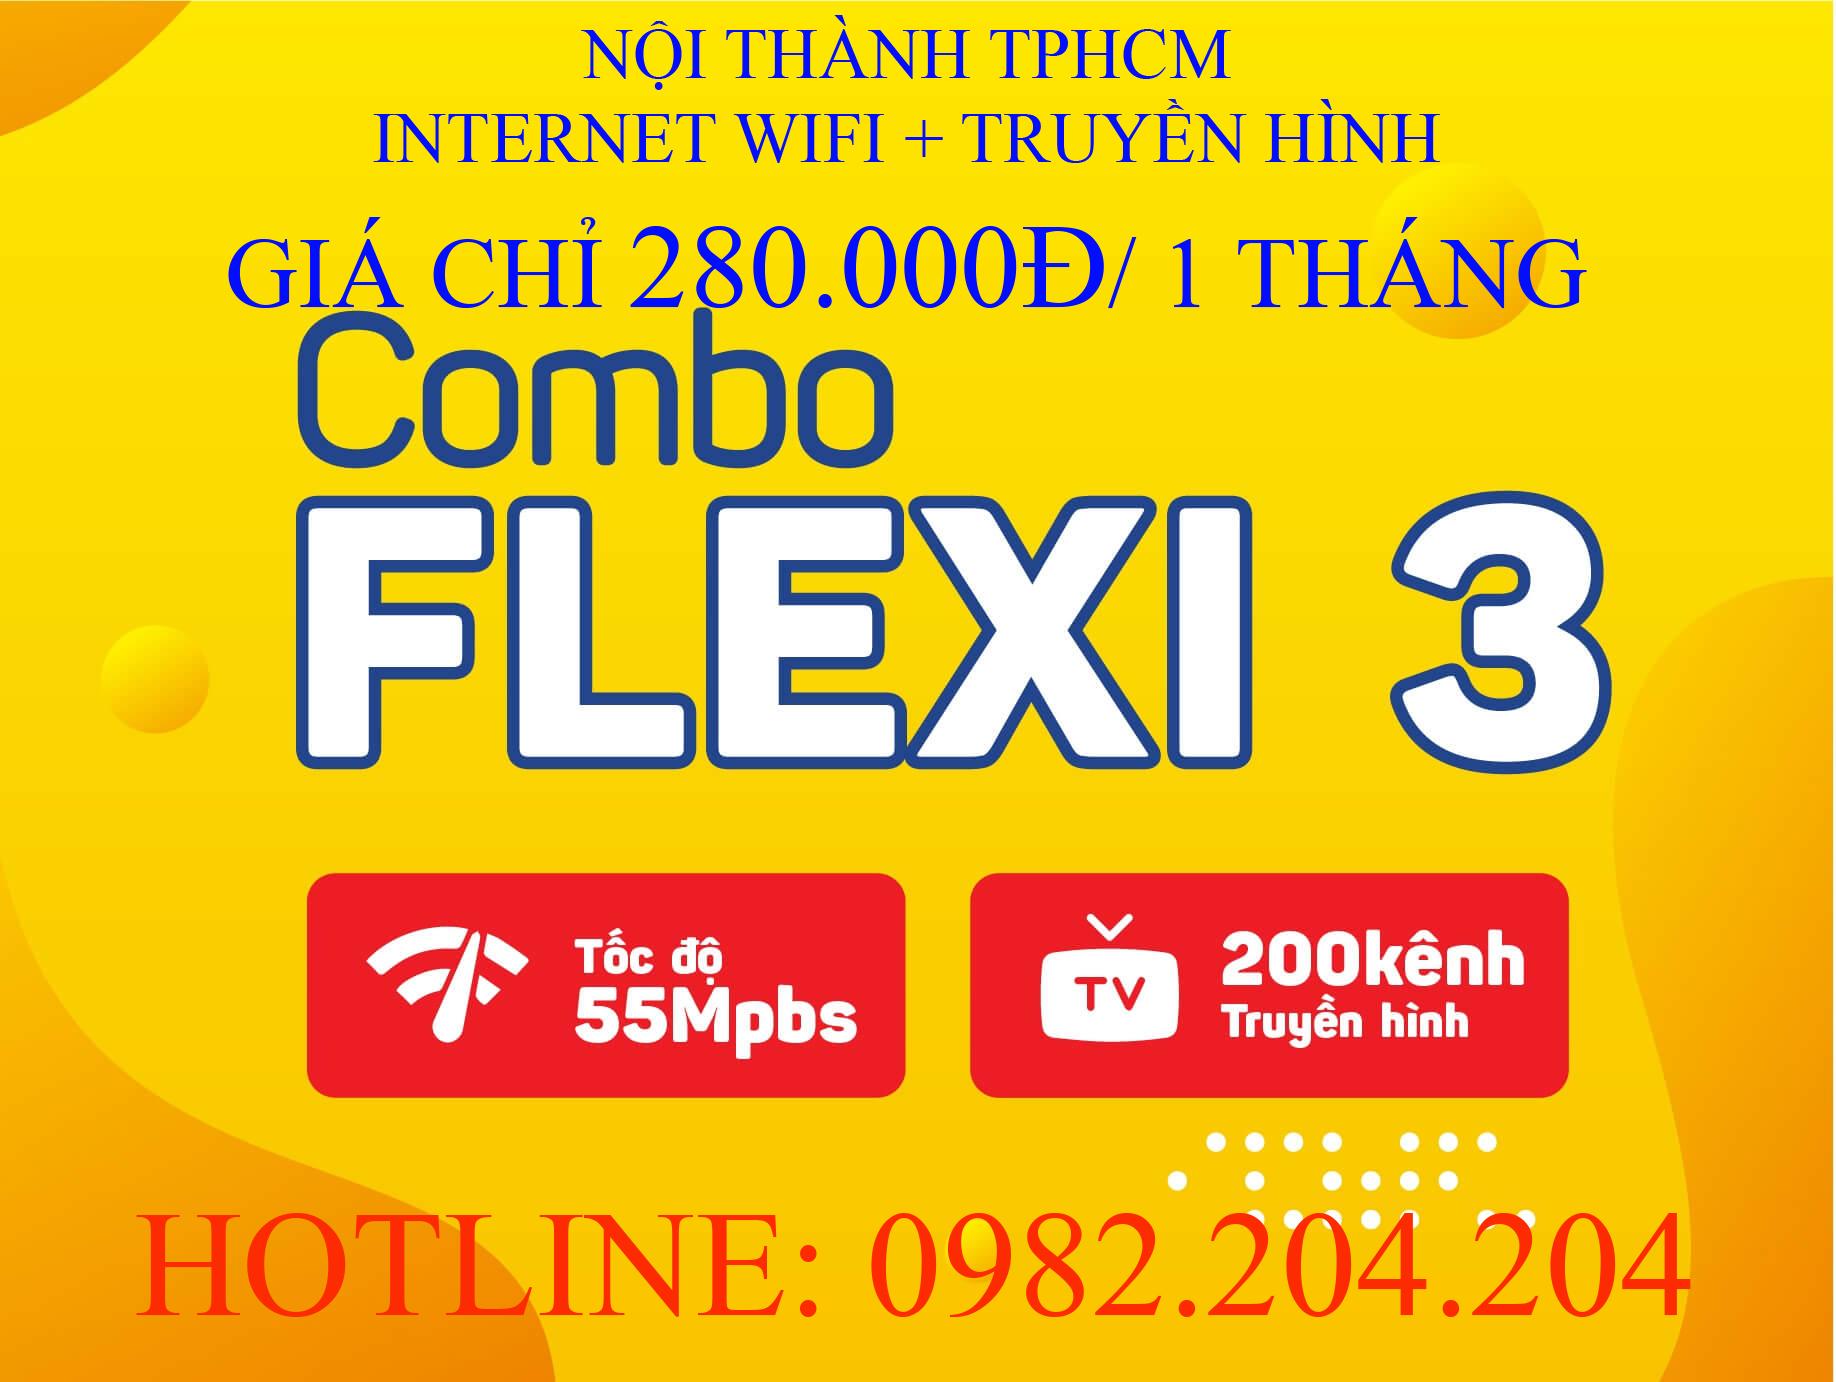 Lắp Mạng Cáp Quang Wifi Giá Rẻ HCM Nội Thành Gói Combo flexi 3 kèm truyền hình